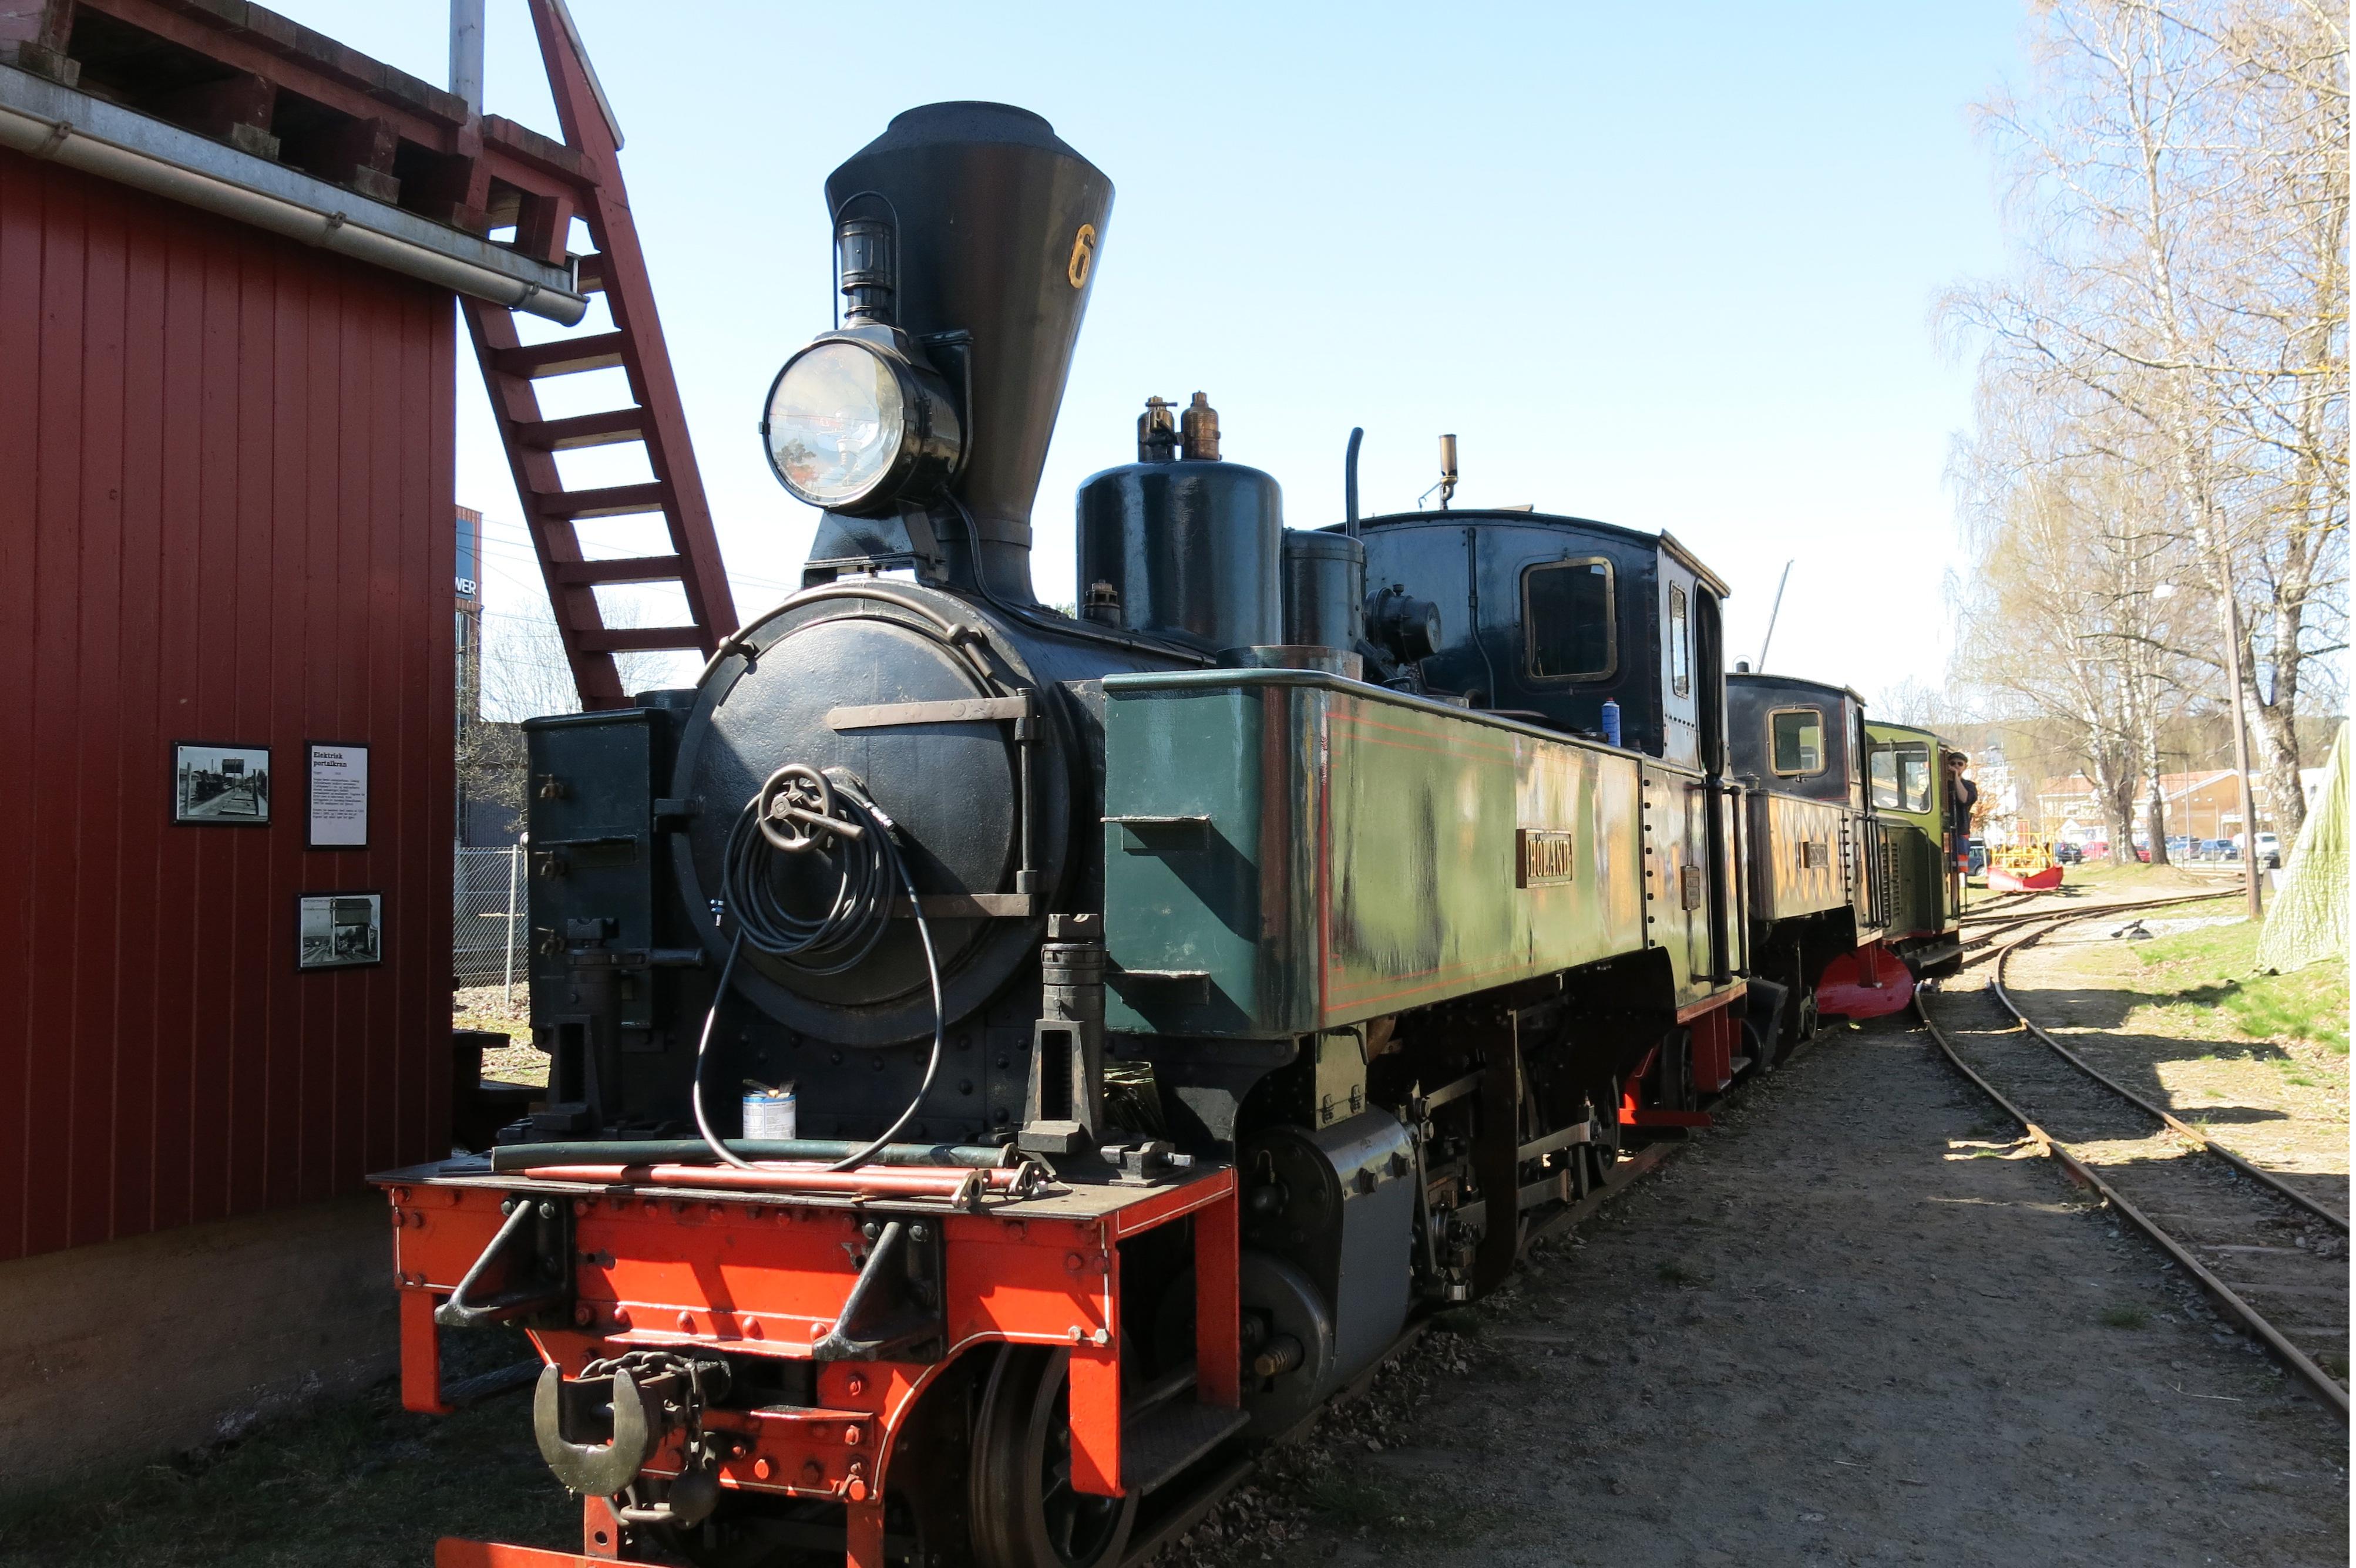 Damplokomotivene-Høland-og-Setskog-på-Tertittenbanen